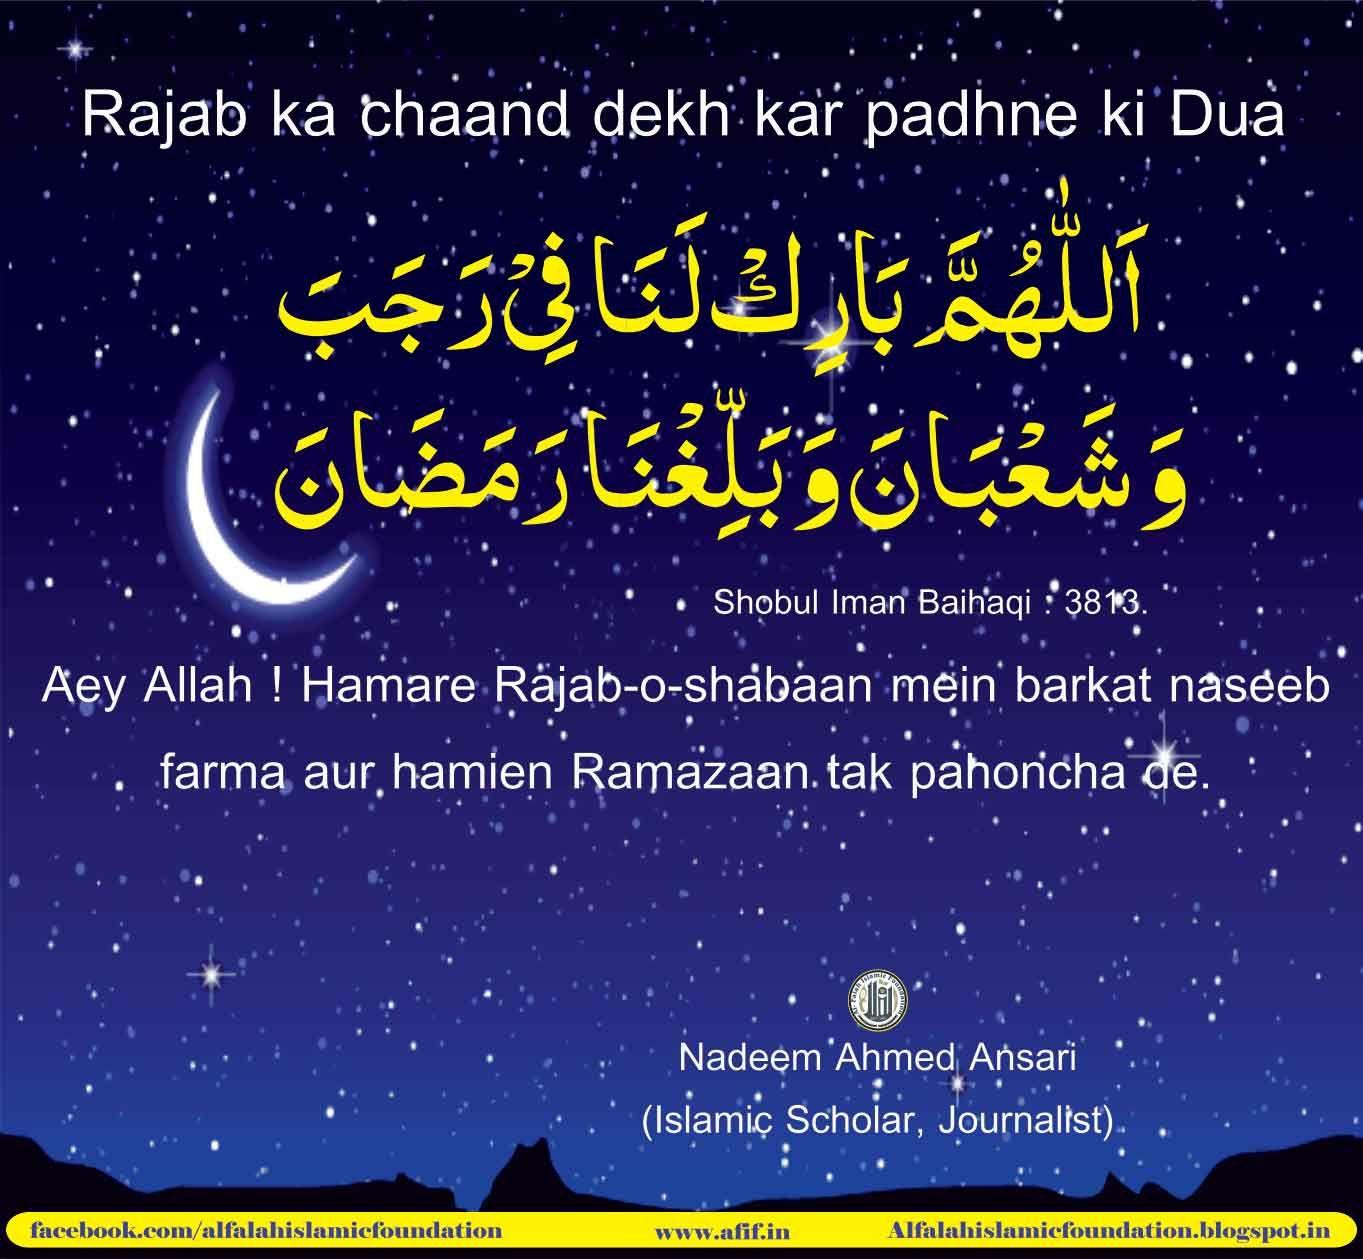 رجب کا چاند دیکھ کر پڑھنے کی دعا In 2021 Ramzan Dua Dua Hadeeth